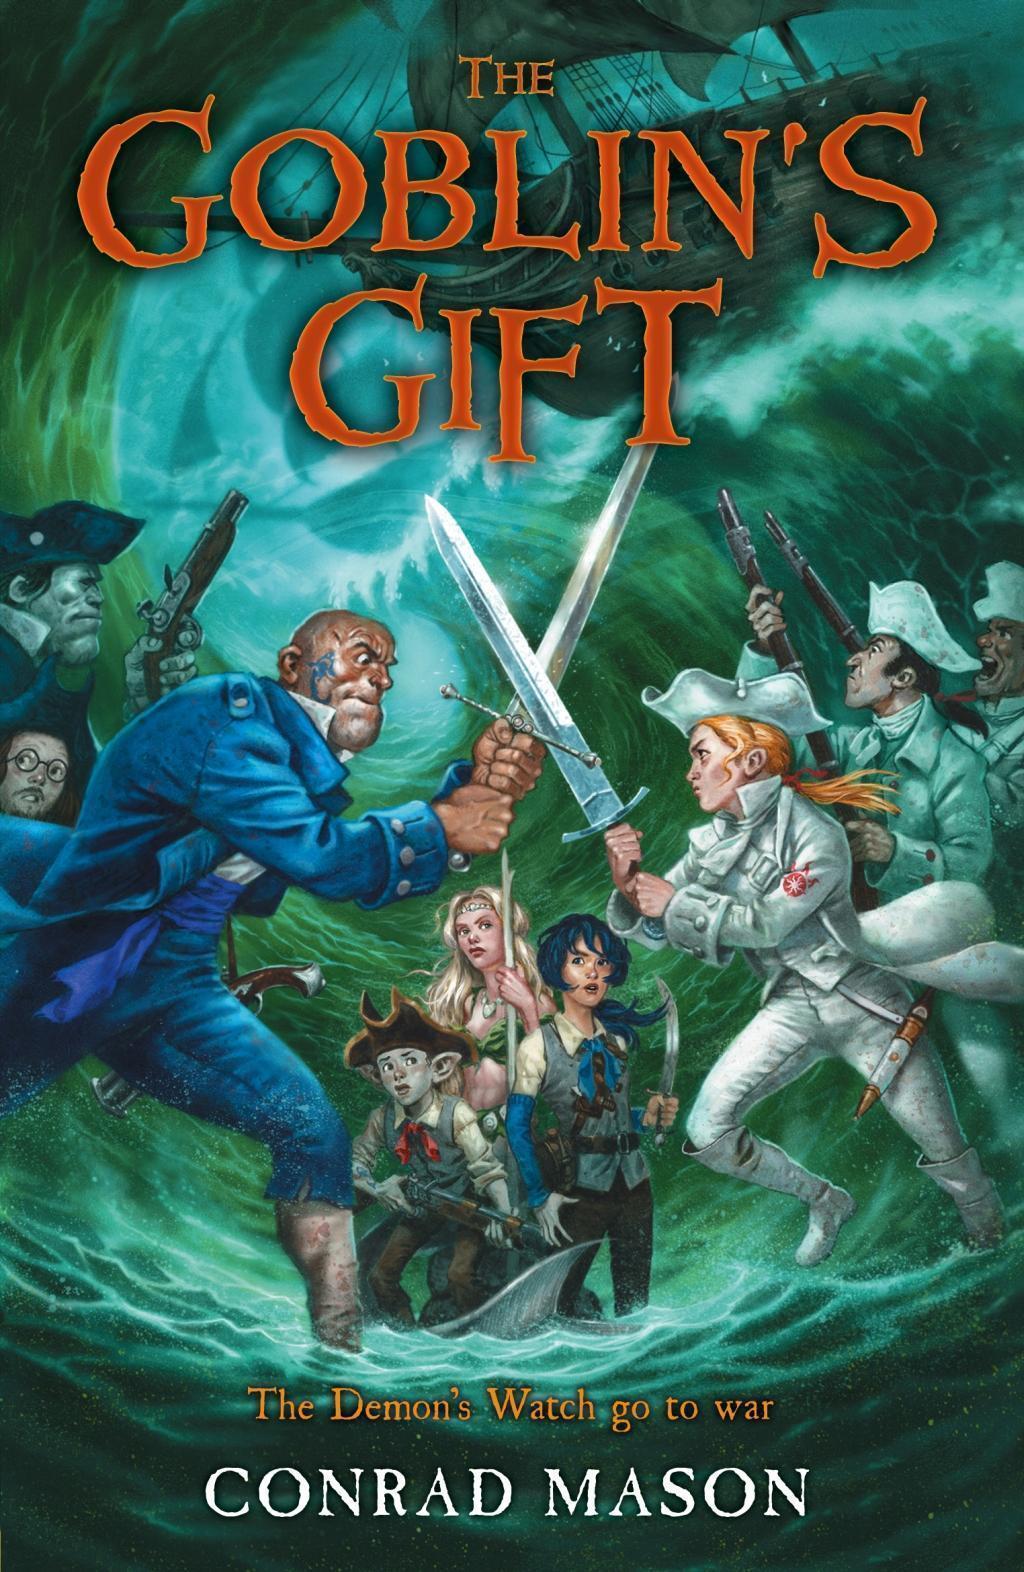 The Goblin's Gift